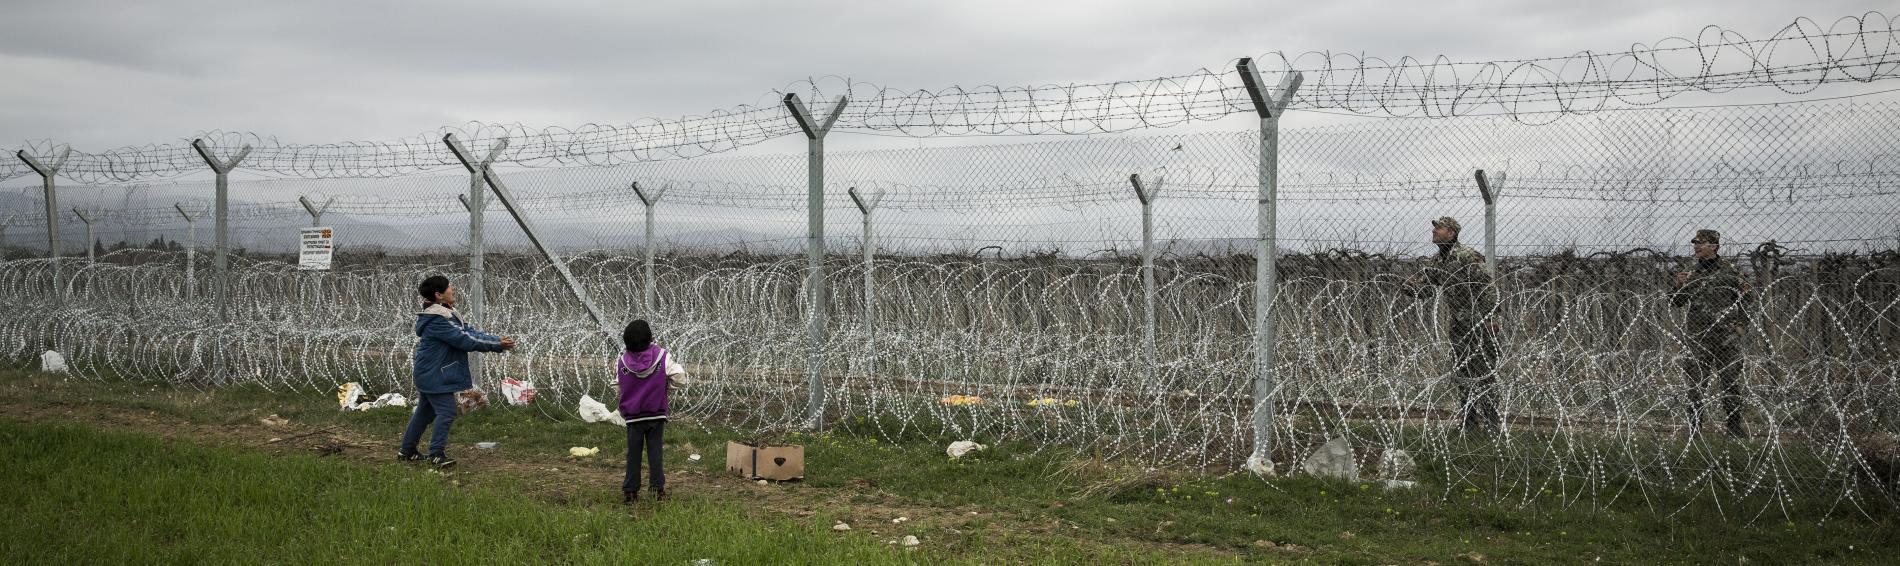 Kinder am Grenzzaun in Griechenland. Foto: Ärzte der Welt